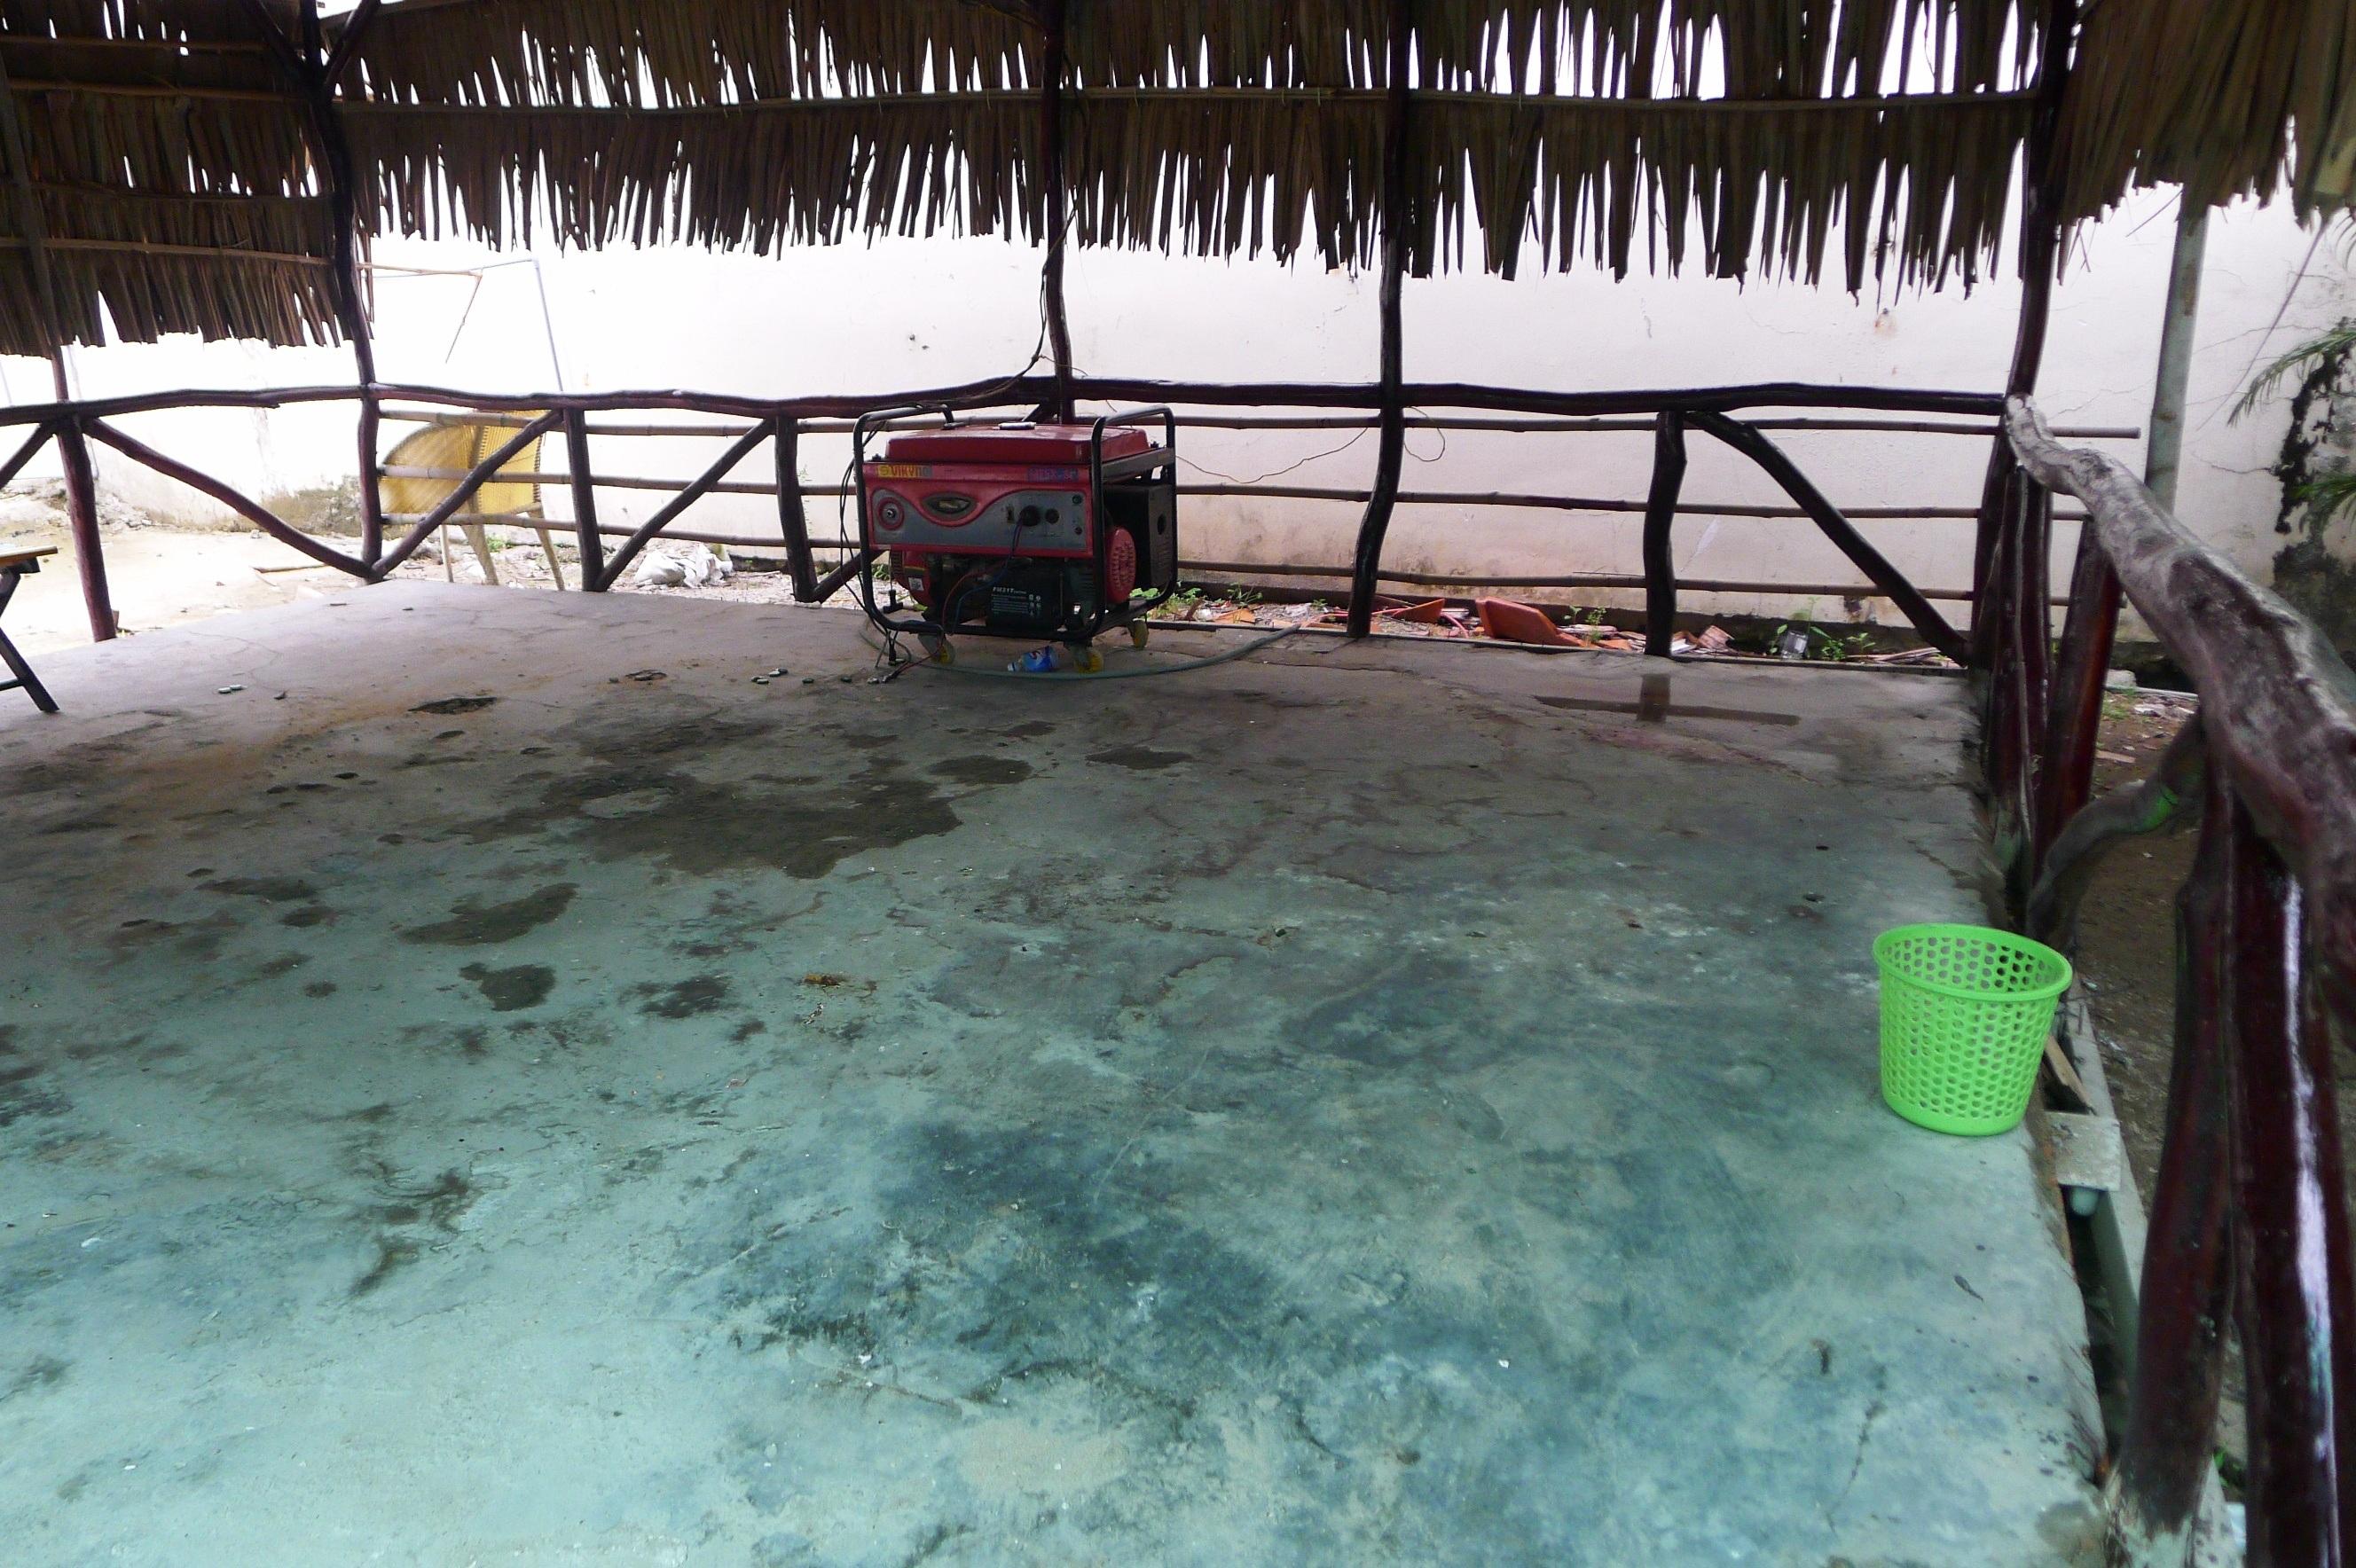 Nhân viên đã tẩy rửa, thu dọn nhưng theo các nhân viên, chủ quán tạm nghỉ vài ngày để sự việc lắng xuống mới mở bán trở lại.